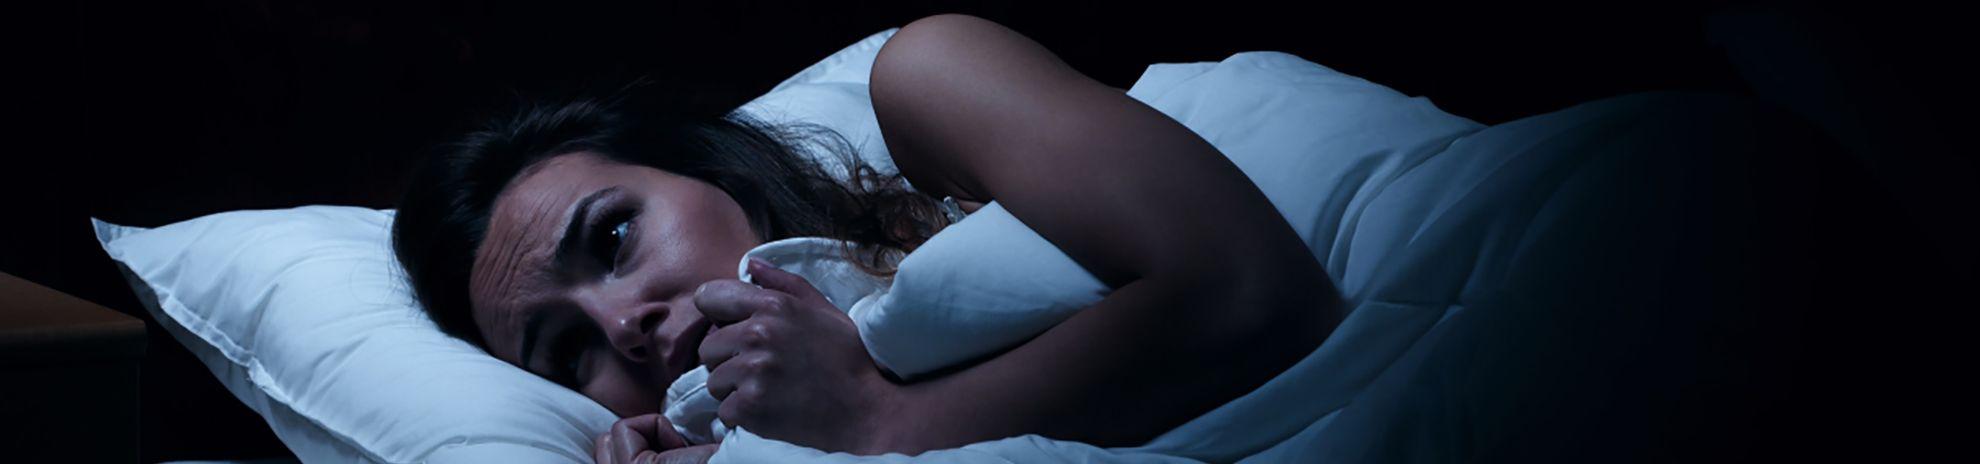 sudoracion y palpitaciones al despertar